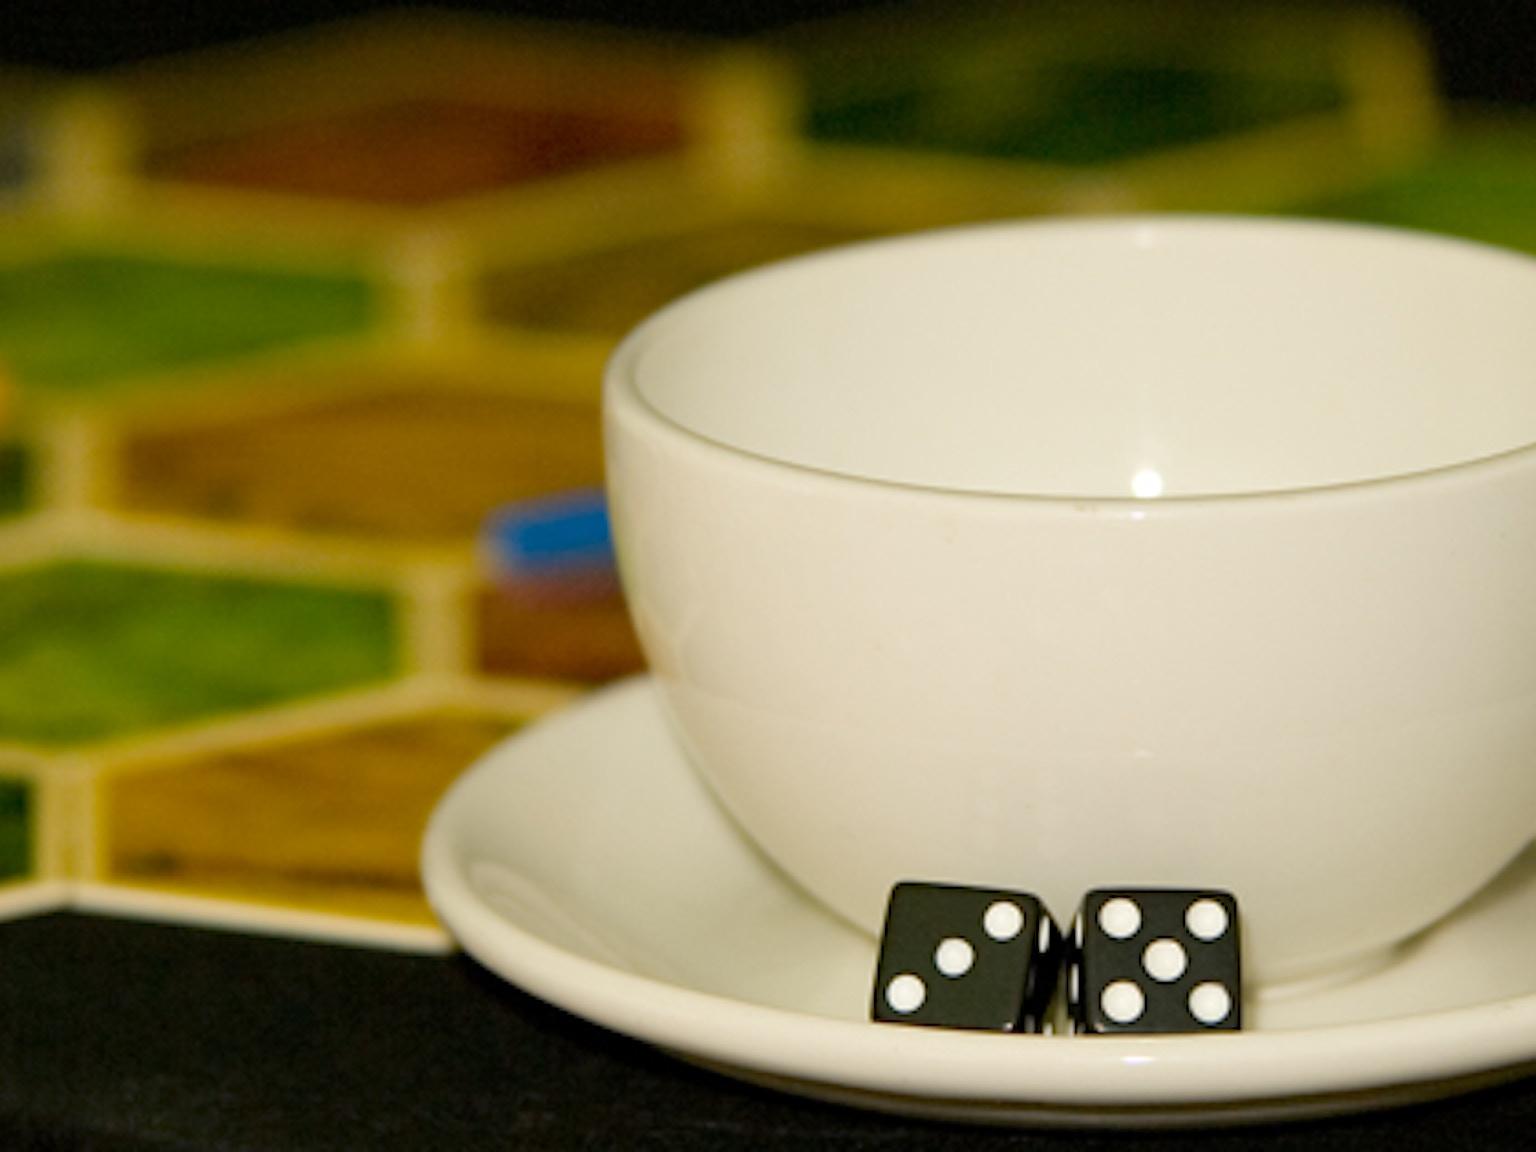 The Dice Cup Café